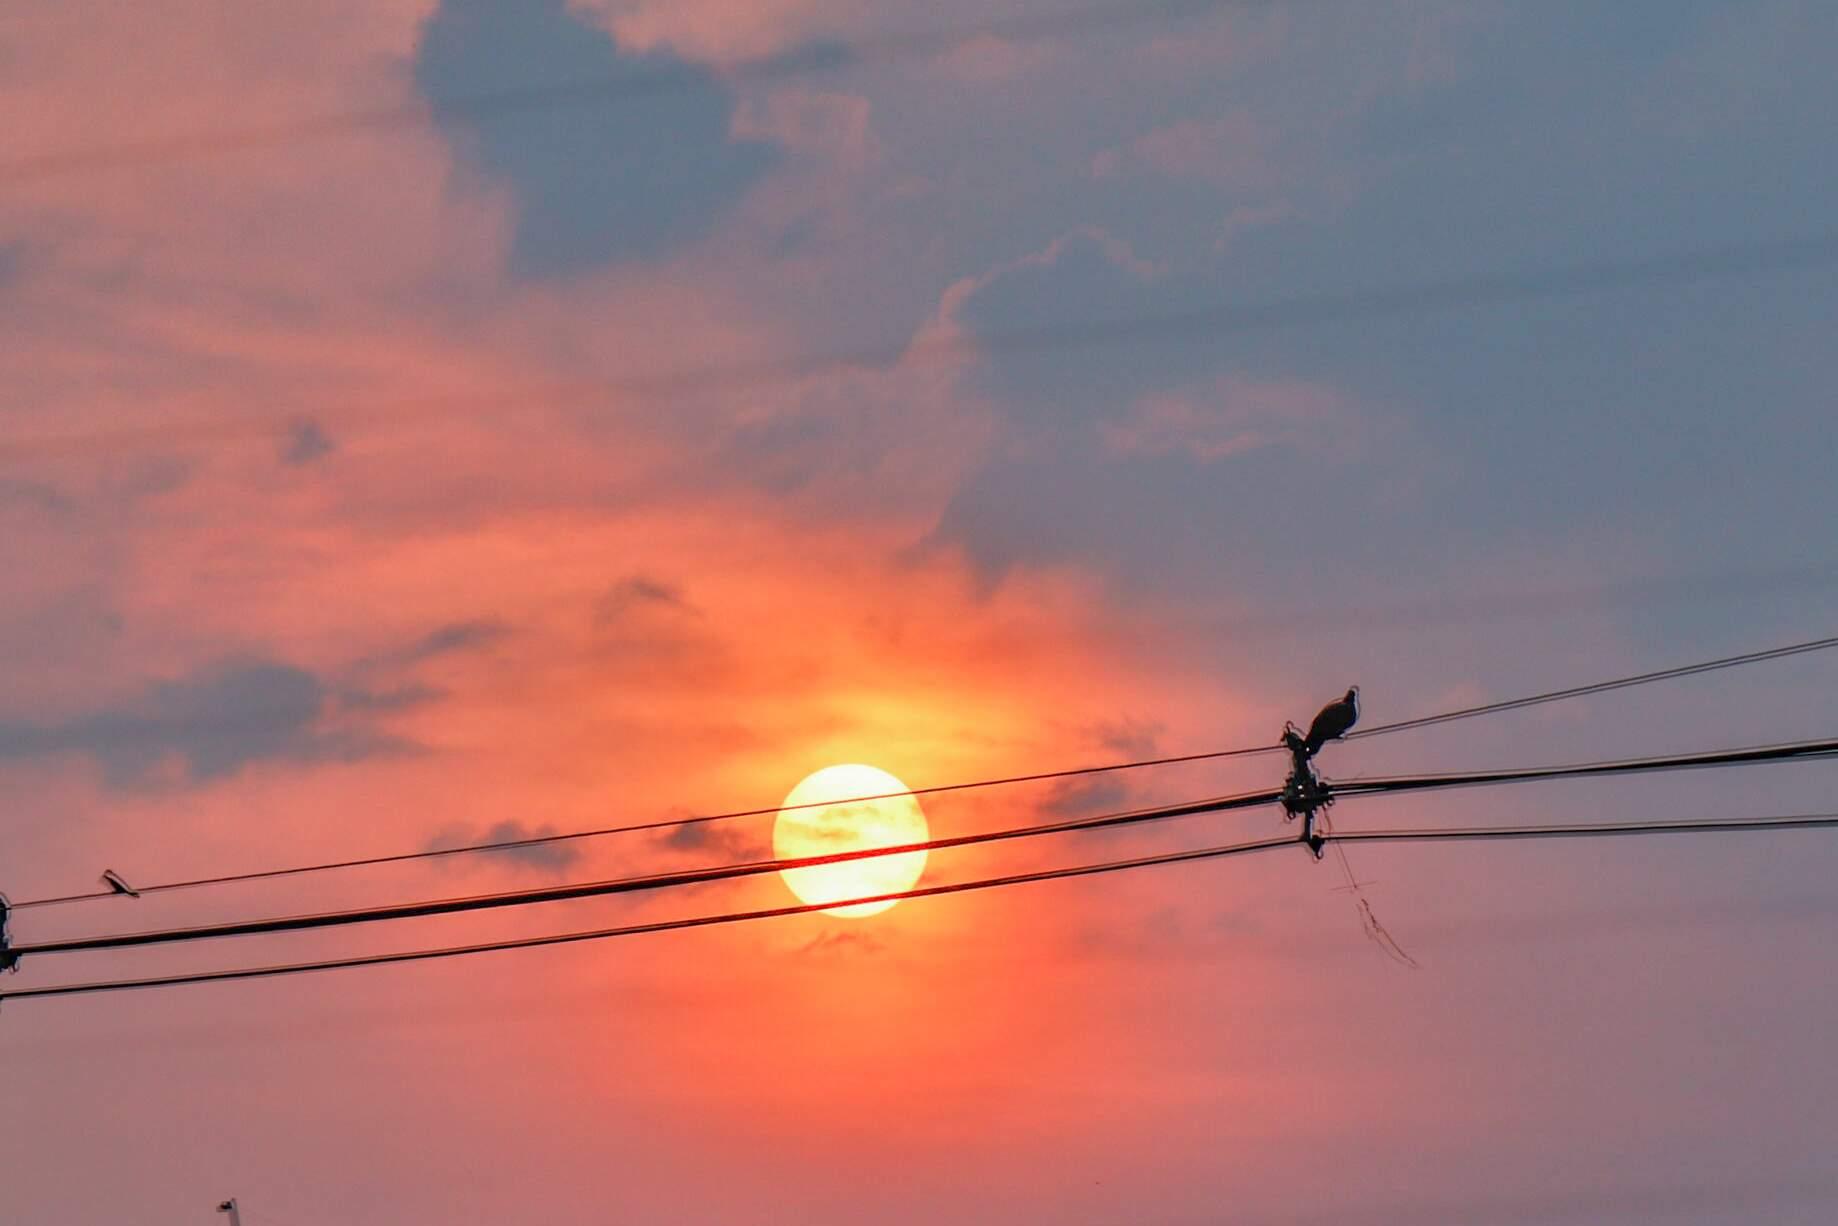 Sol aparece entre nuvens na região da Via Morena, em Campo Grande (Foto: Henrique Kawaminami)